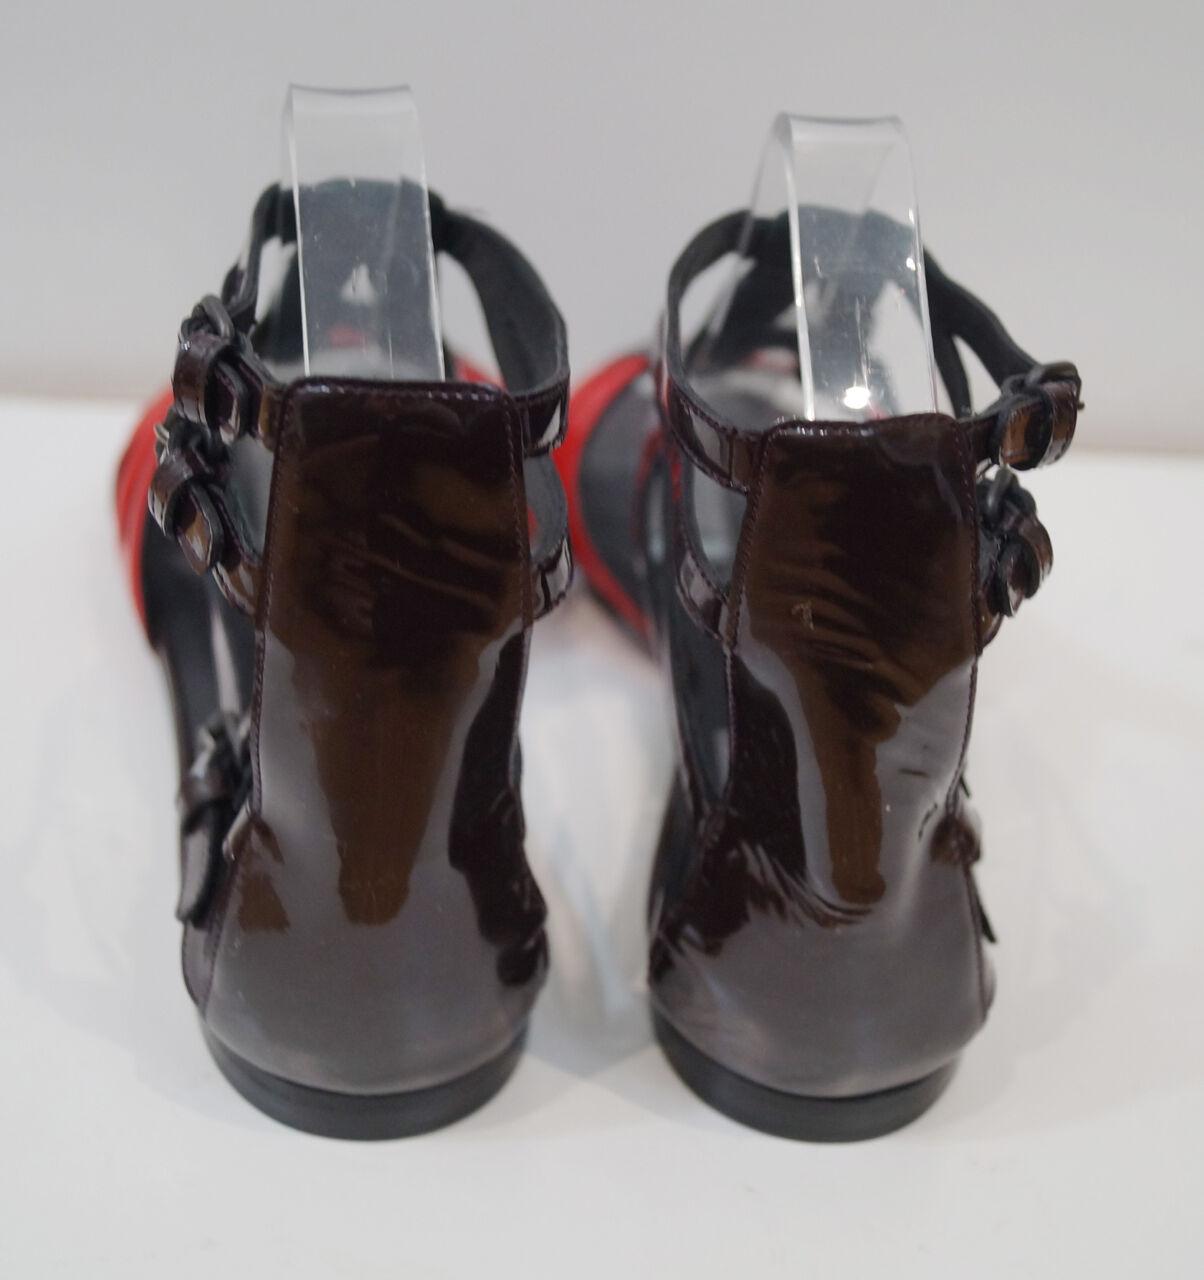 Bottega Veneta Bourgogne marron & rouge rouge rouge Plates Gladiateur Sandales Chaussures EU40 UK7-NEUF 6f775b